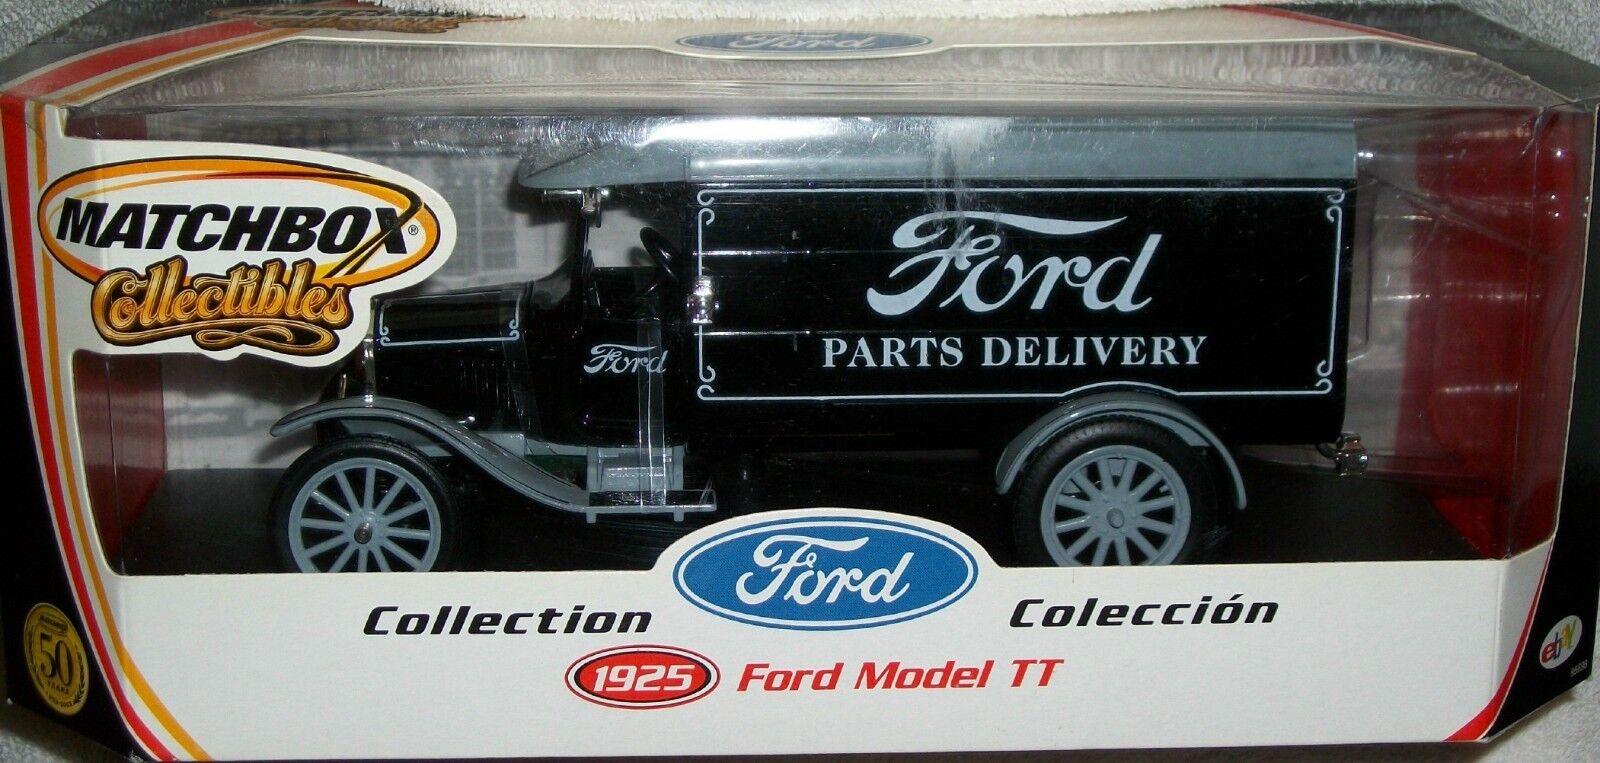 Matchbox 1925 Ford modelo partes TT camión de reparto que Juguete Regalo De Navidad Coche Vintage Retro